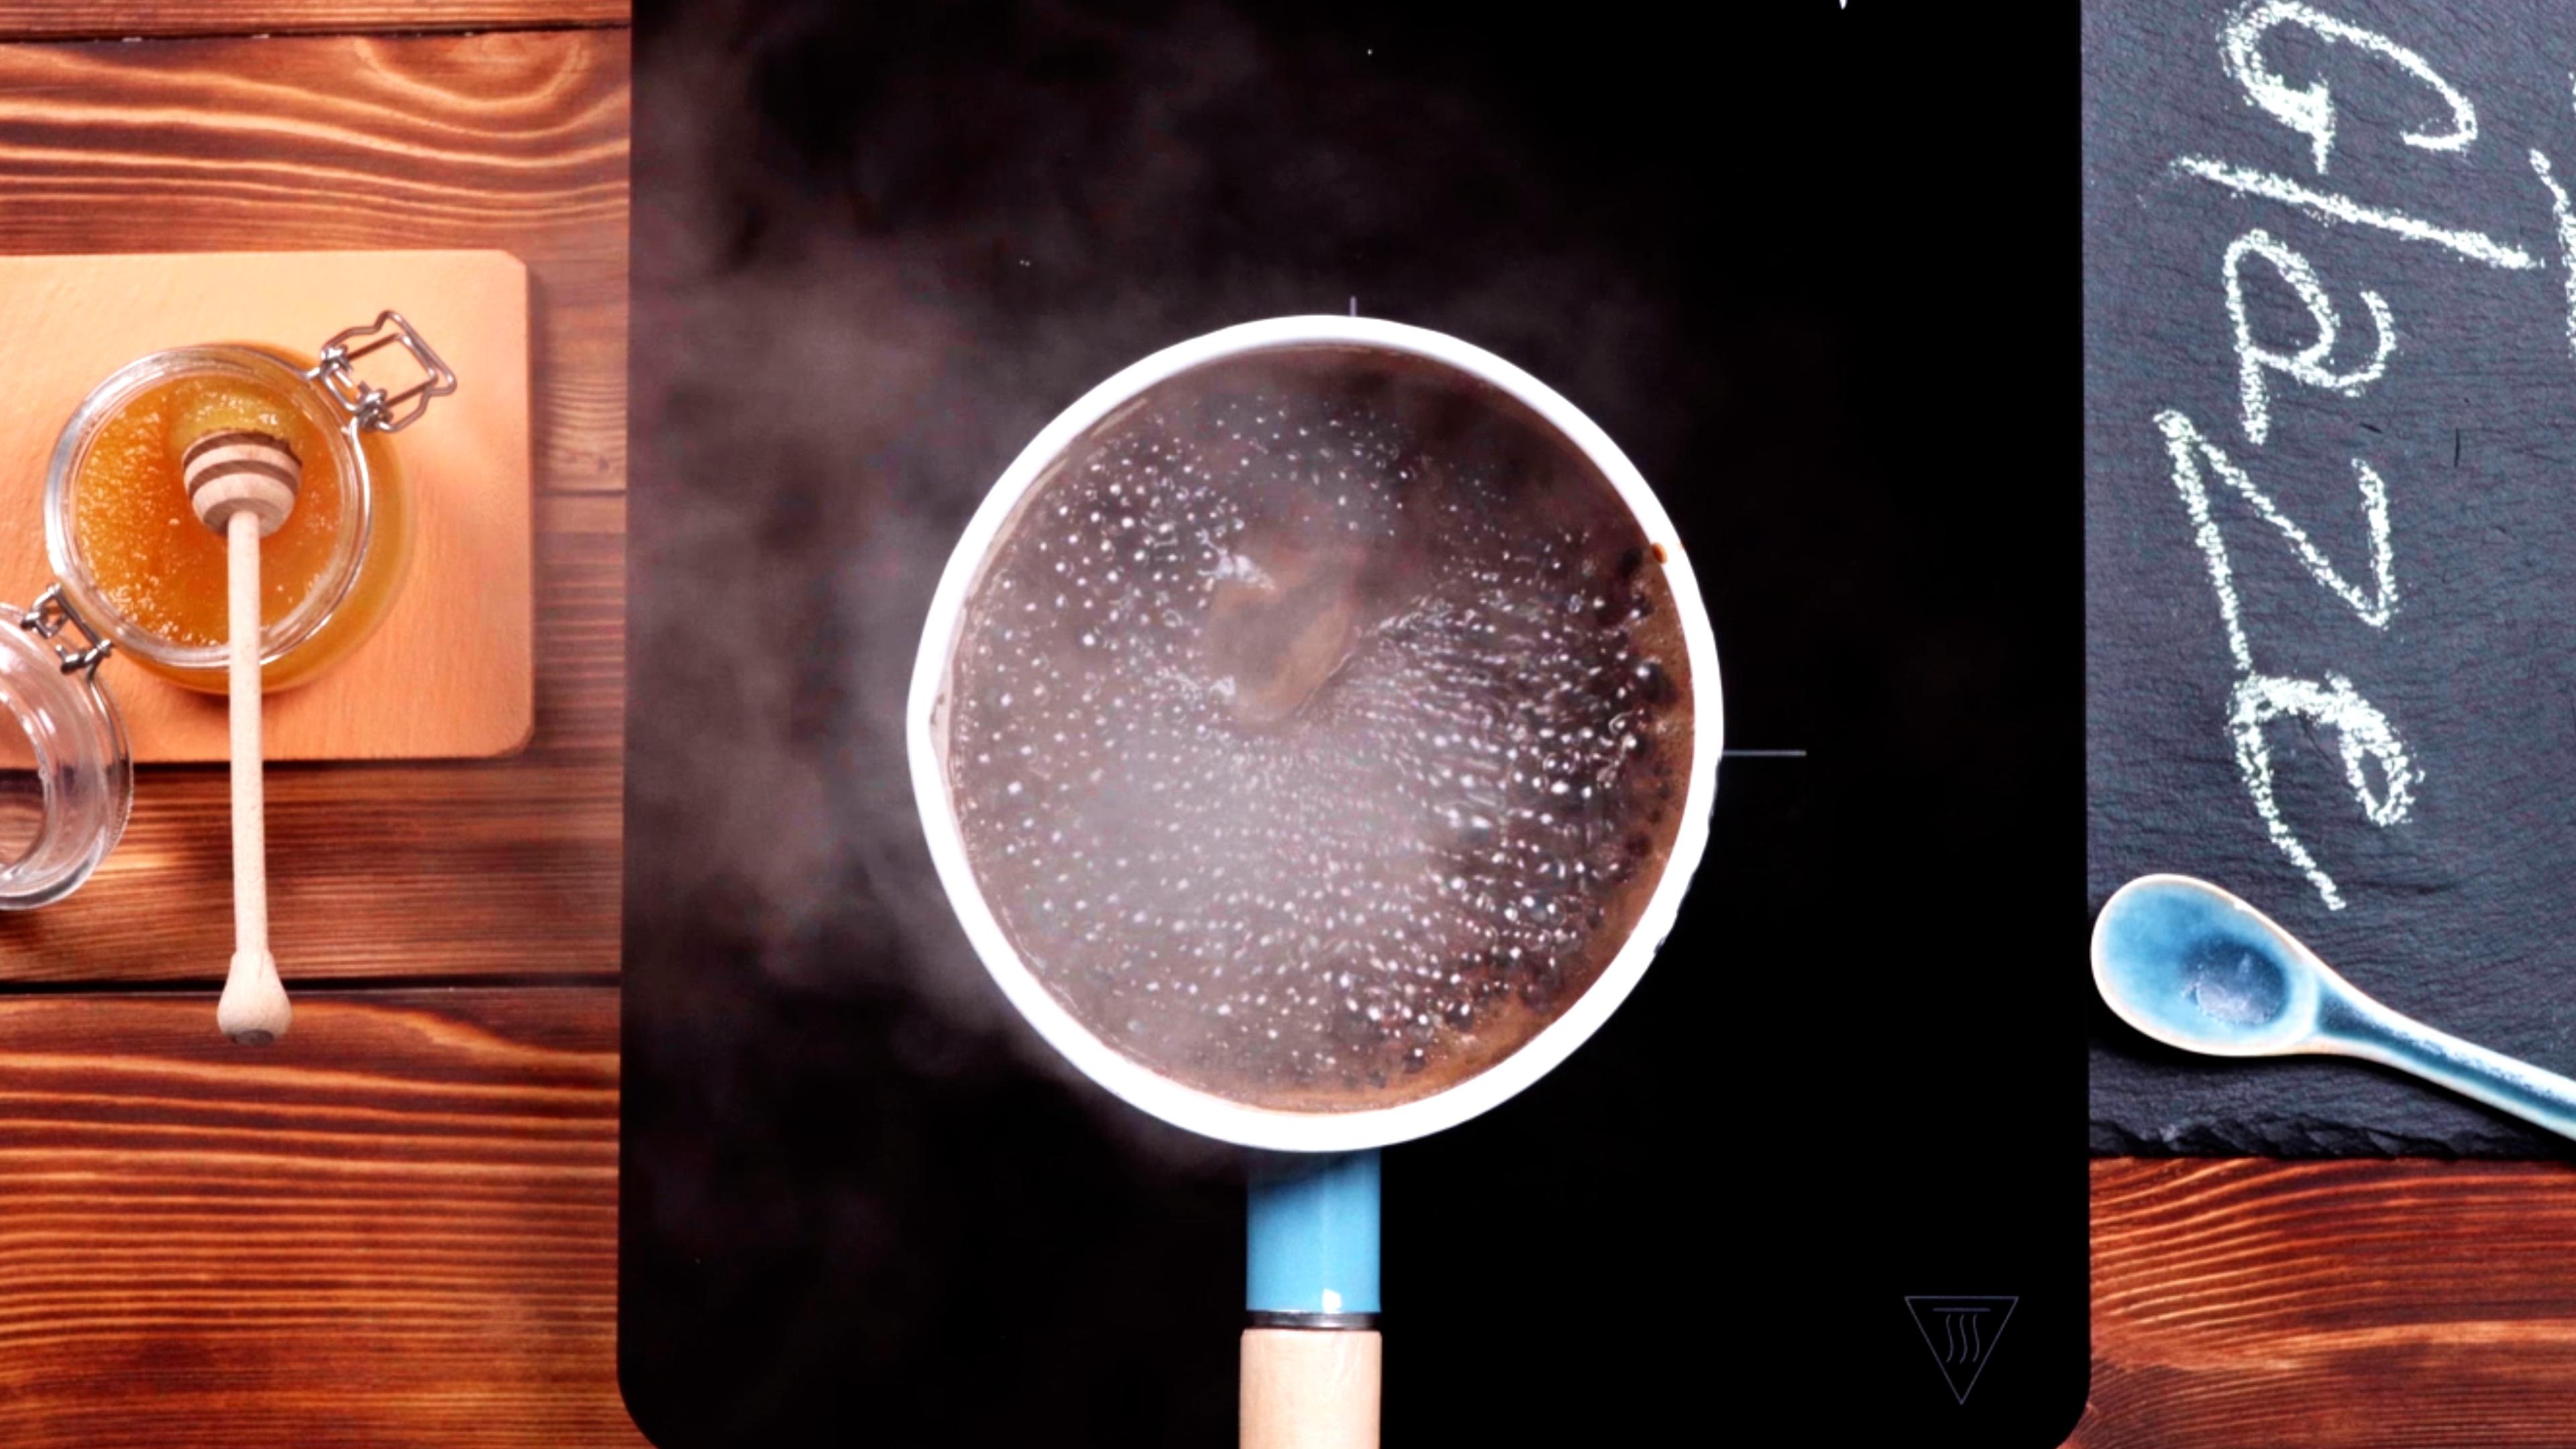 wie lange muss rosenkohl kochen gerichte mit rosenkohl rezept rosenkohl mit balsamico glaze balsamico brühen